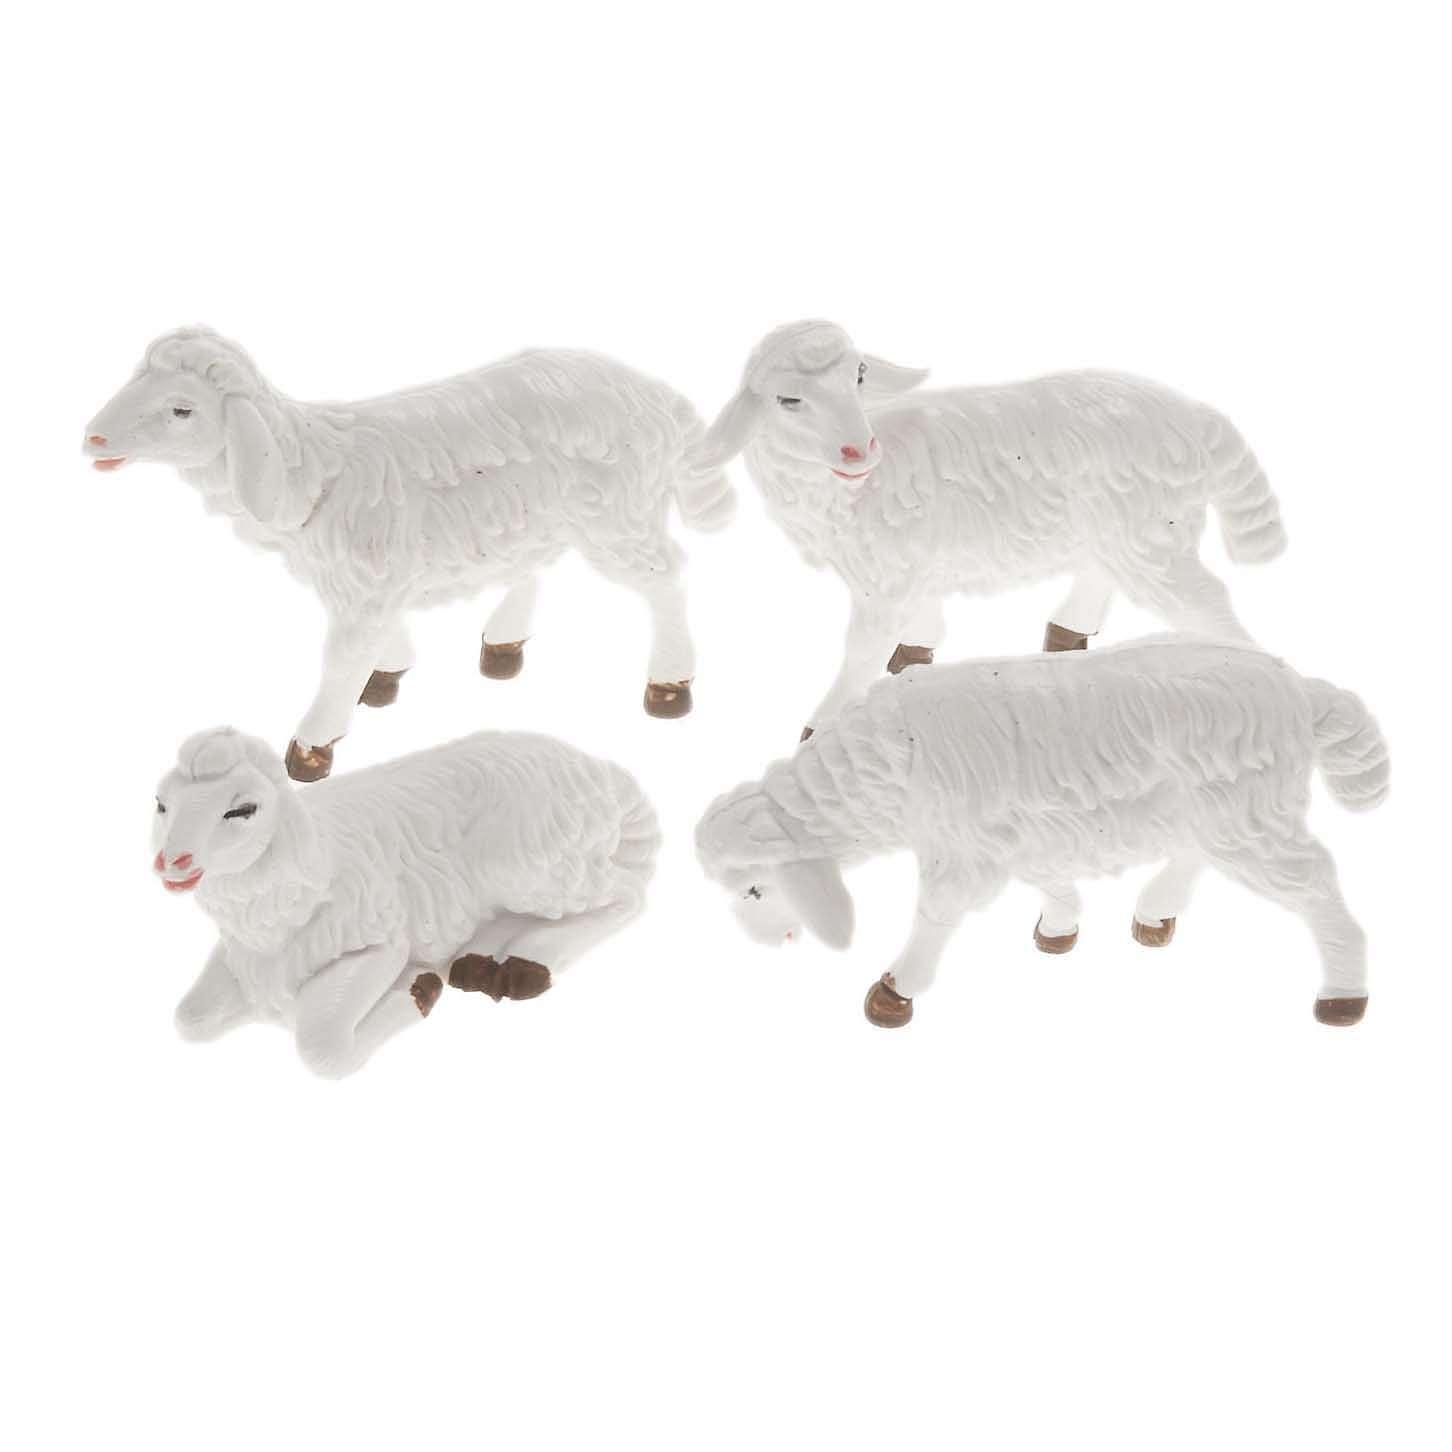 Moutons plastique blancs crèche12 cm, 4 pc 3